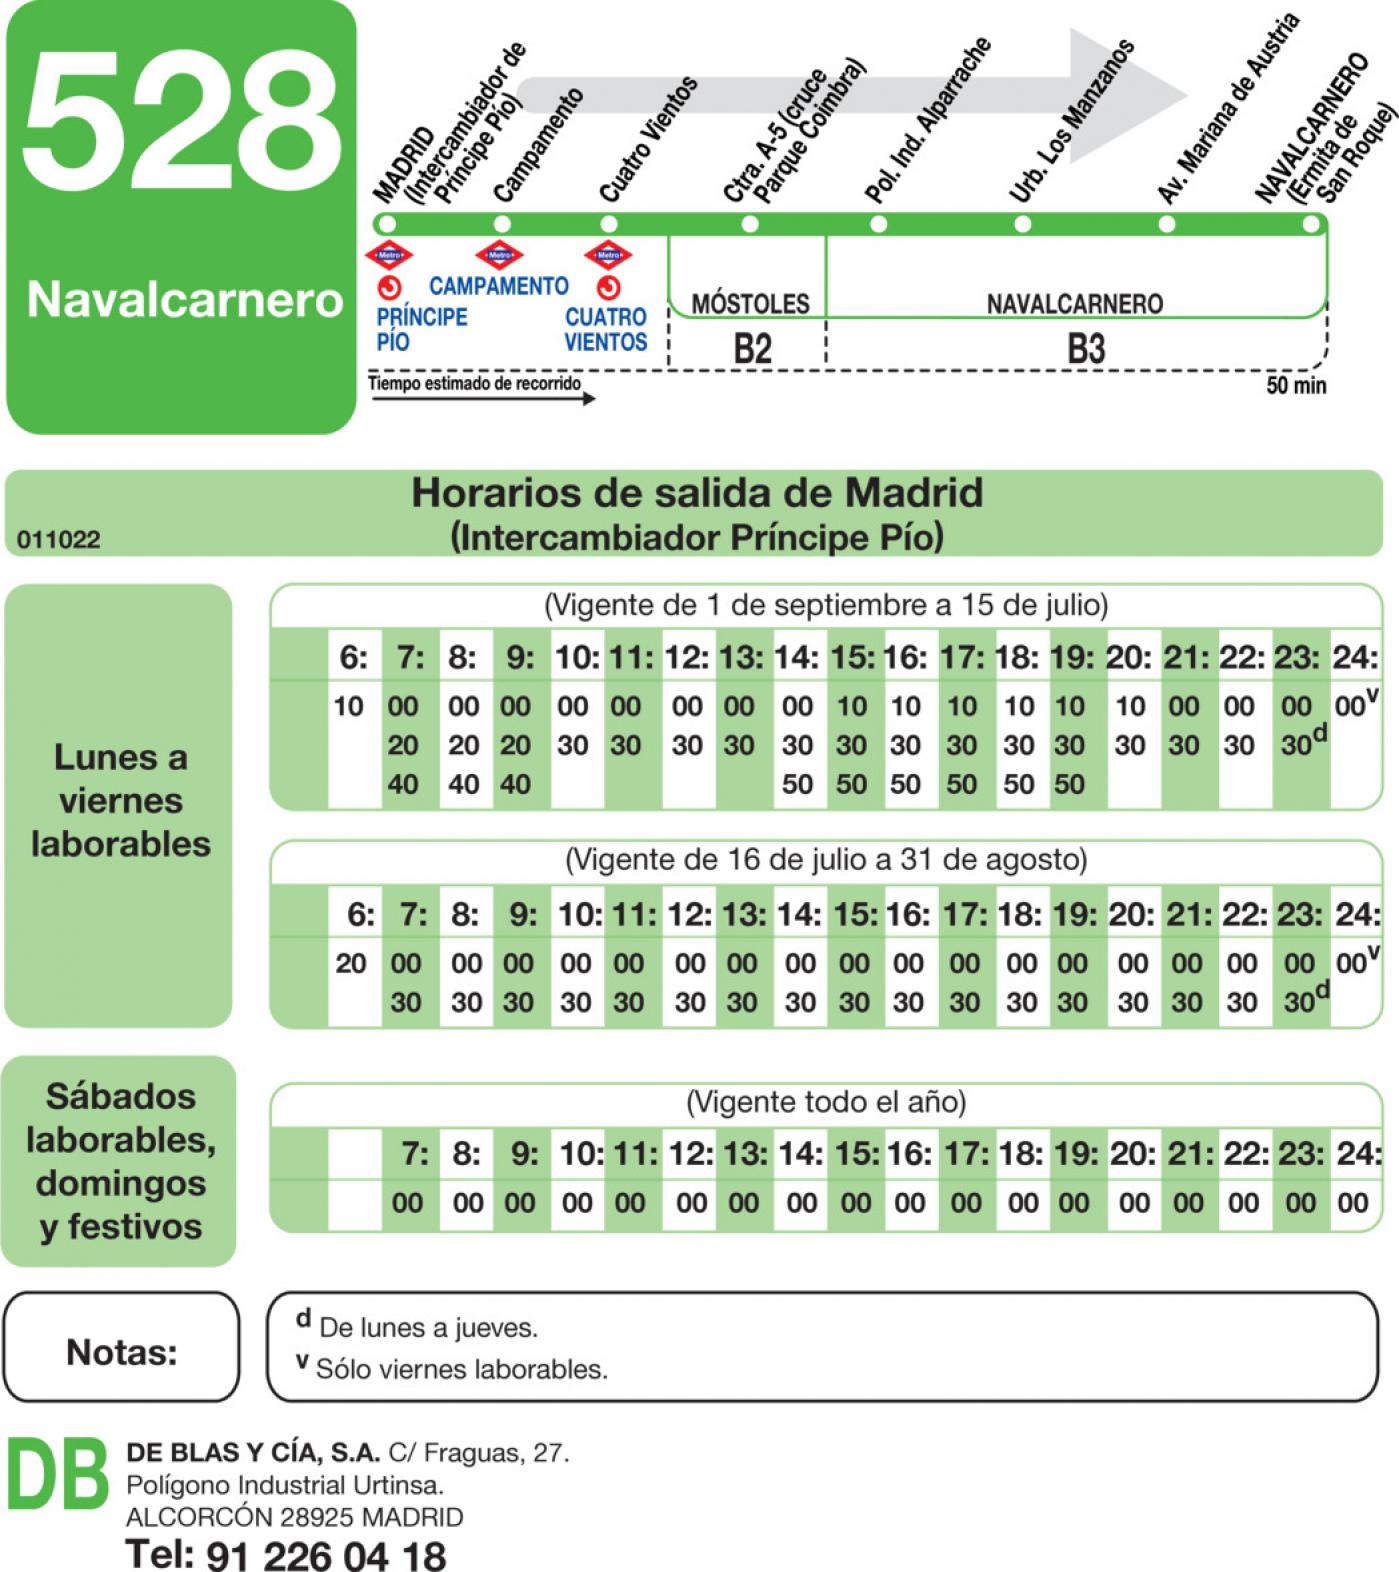 Tabla de horarios y frecuencias de paso en sentido ida Línea 528: Madrid (Príncipe Pío) - Navalcarnero